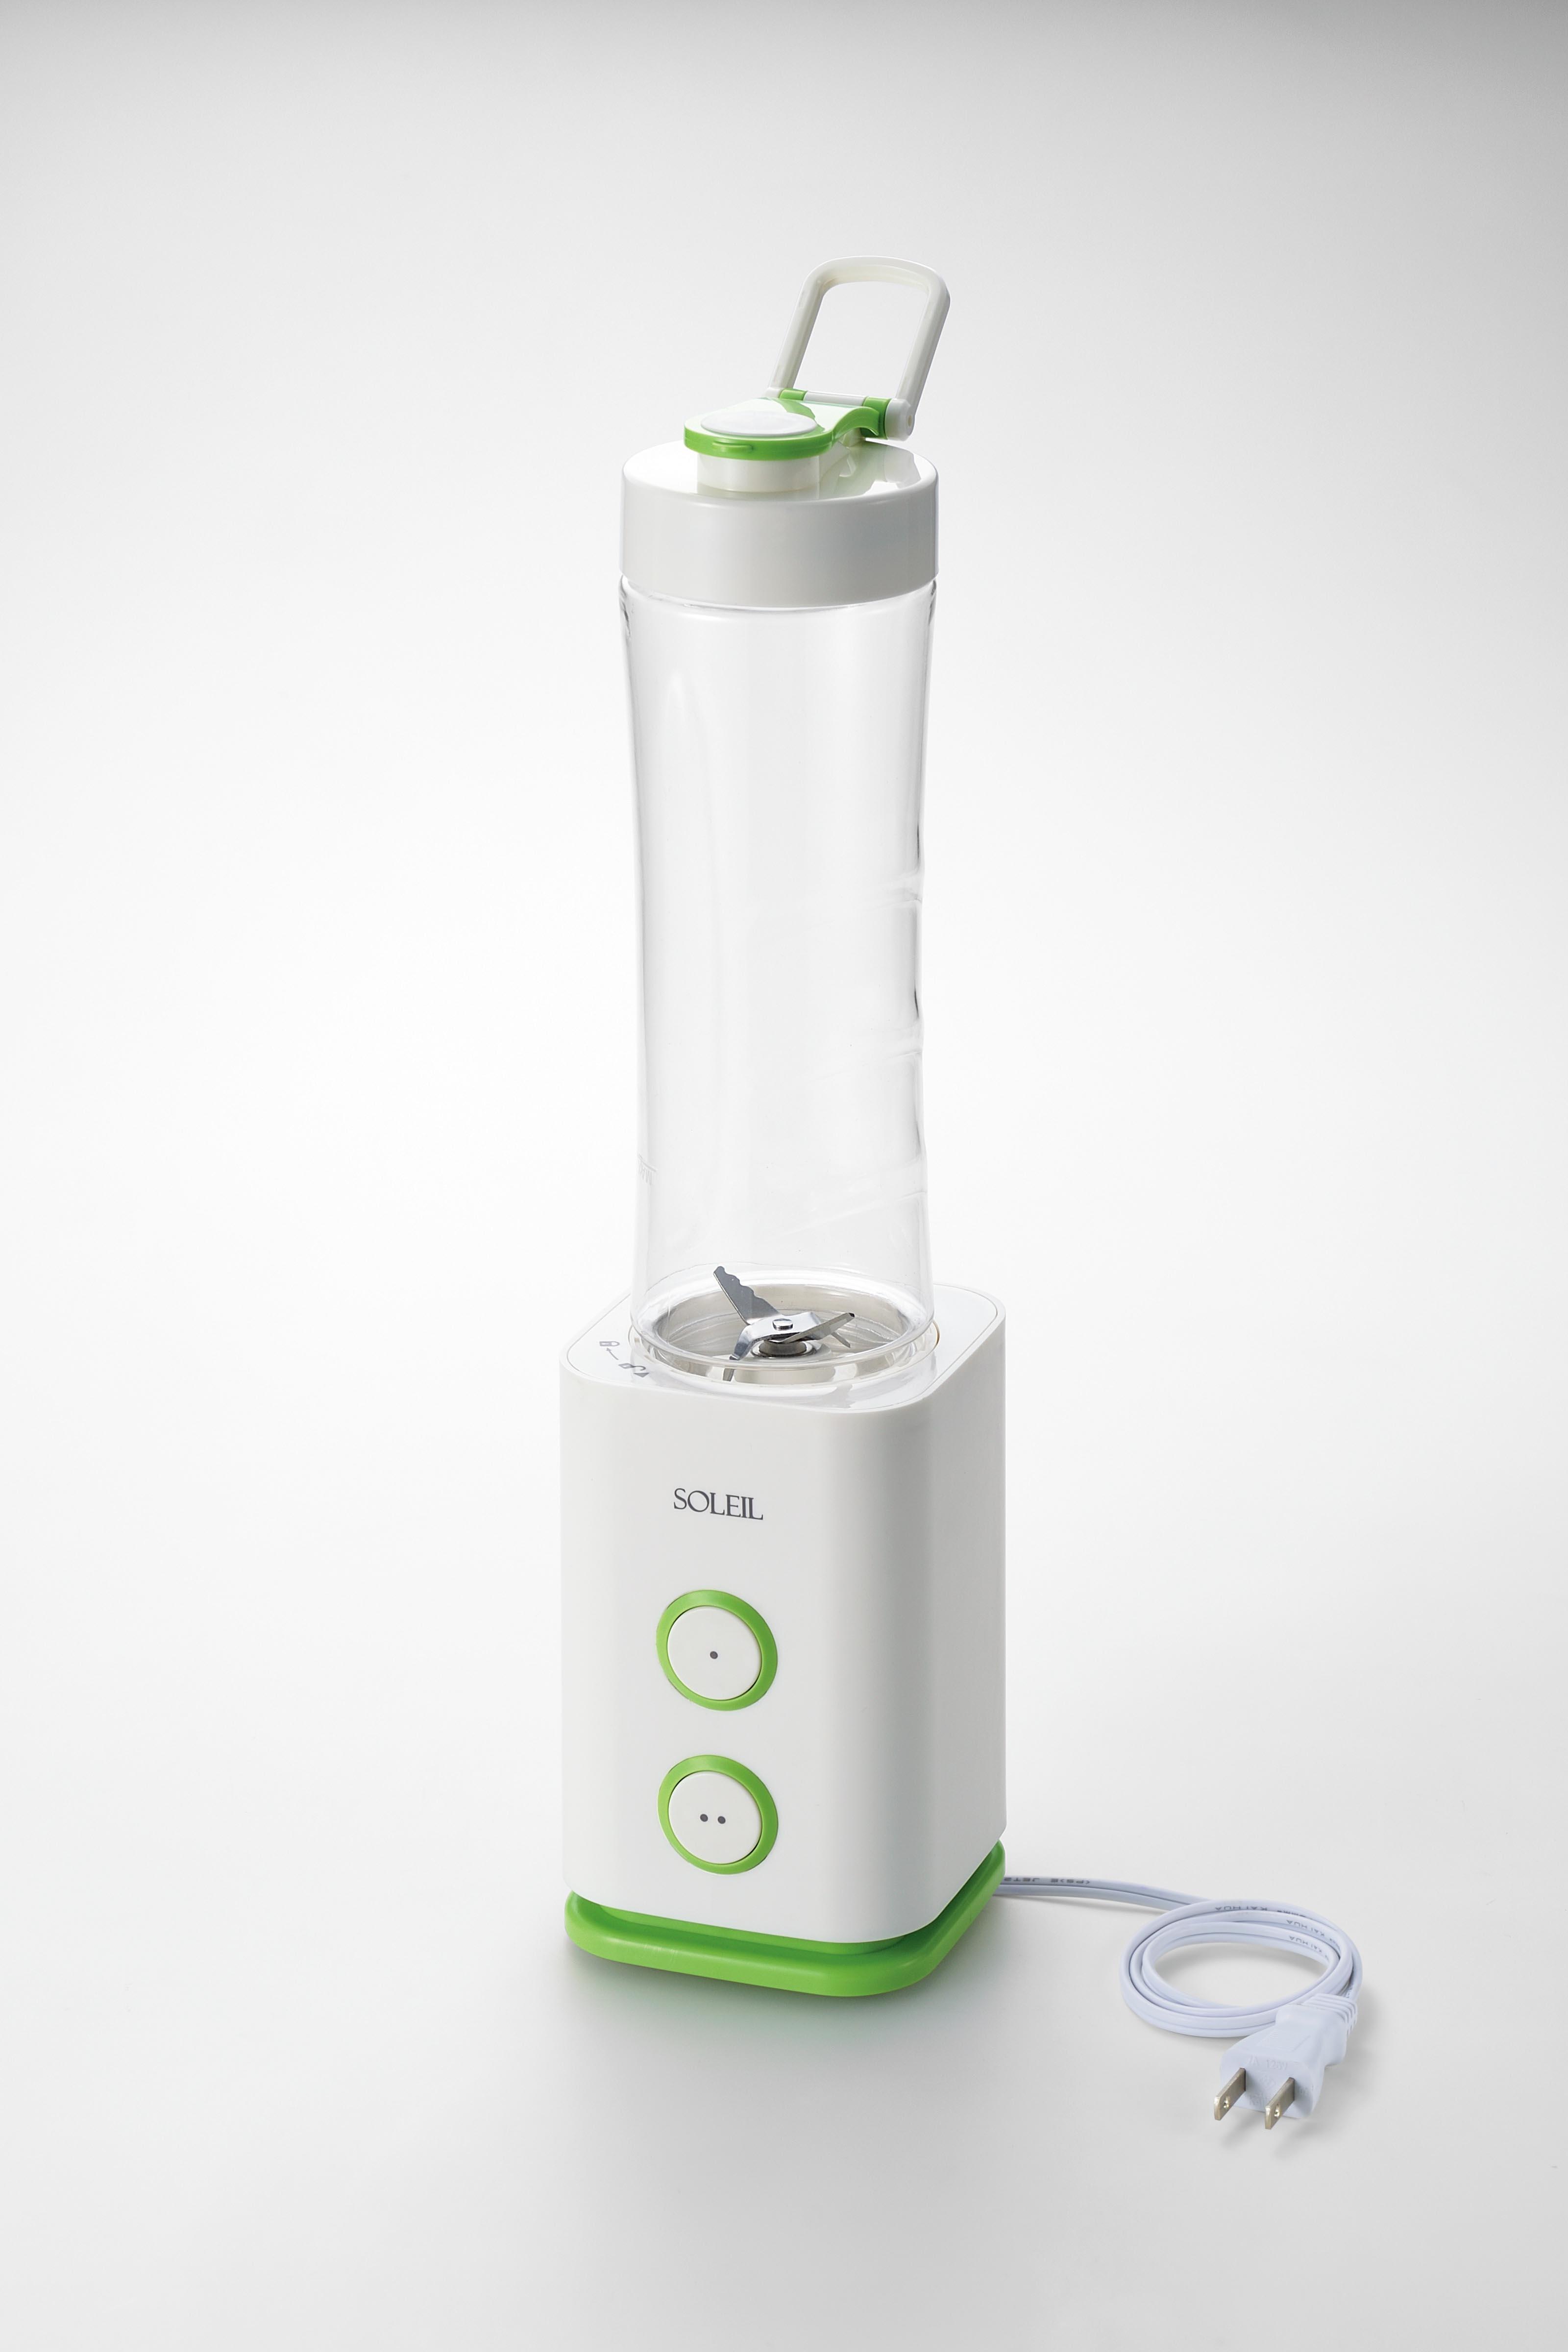 【アサヒ】ソレイユ フレッシュスムージーメーカー 約幅9.7×奥9.9×高さ35cm・600ml ホワイト